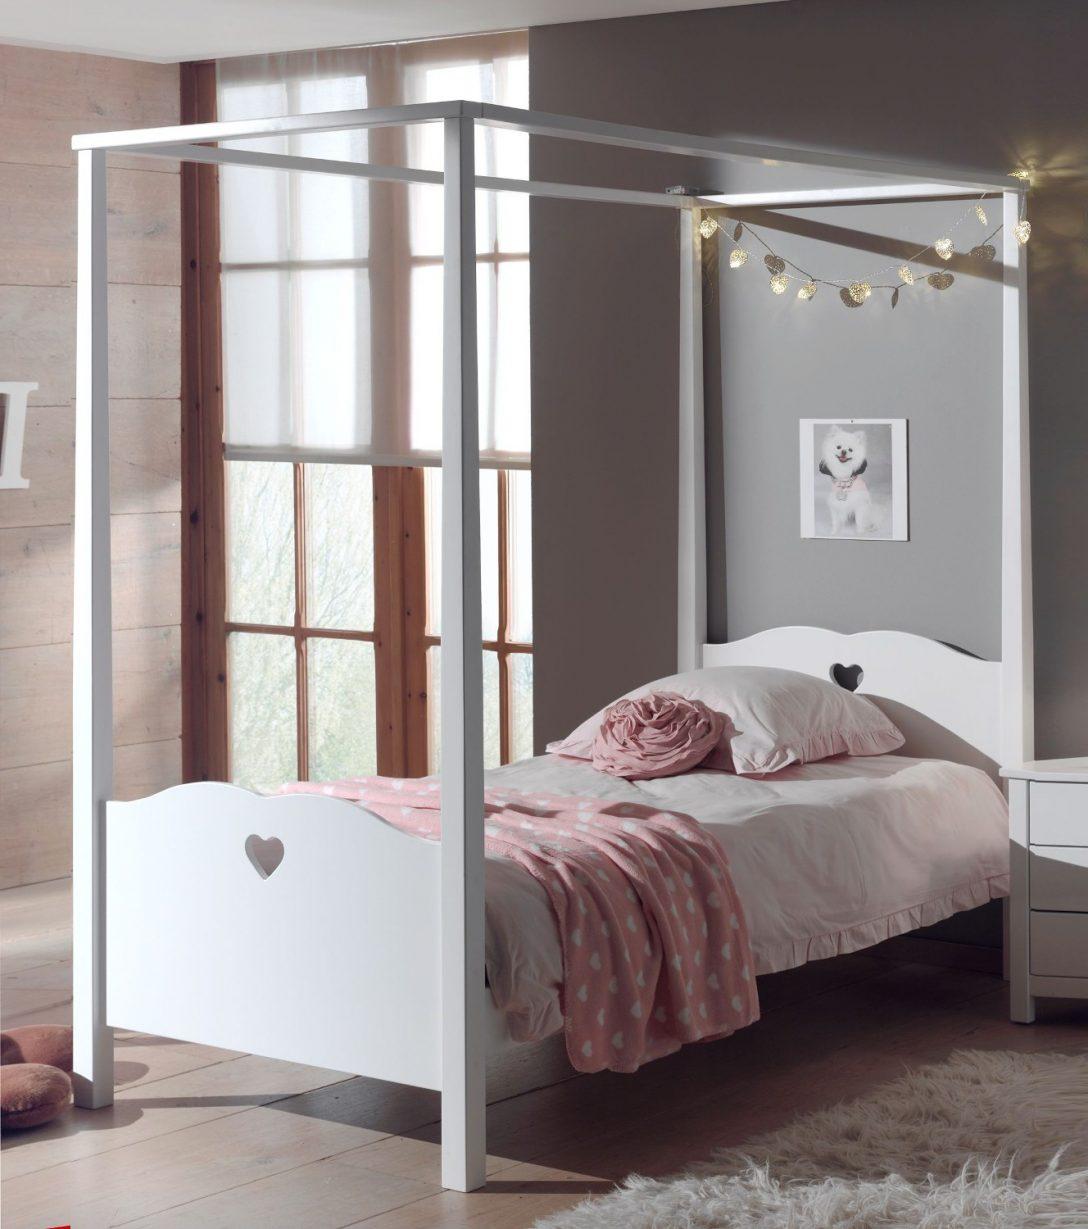 Large Size of Himmel Bett Himmelbett Englisch 180x200 Holz Metall Baby Ikea Babybett Mit Lattenrost Und Matratze Montage Born Amori Liegeflche 90 200 Cm Wei Moebel Guenstigde Bett Himmel Bett